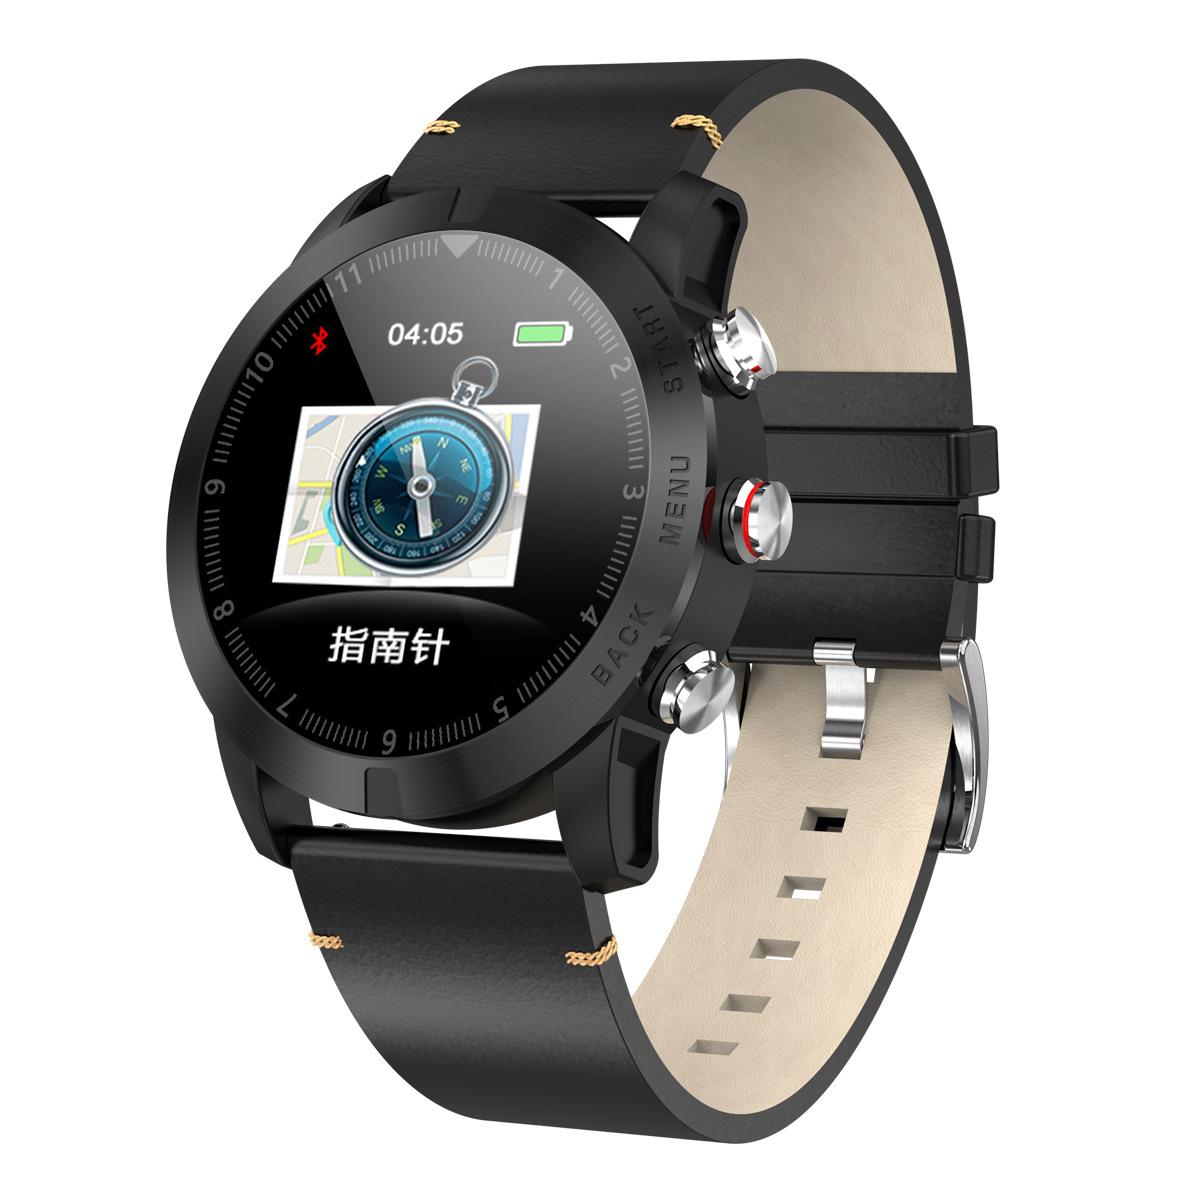 S10 智能手表 心率 監測 信息提醒 IP68防水 多運動模式智能 運動手環